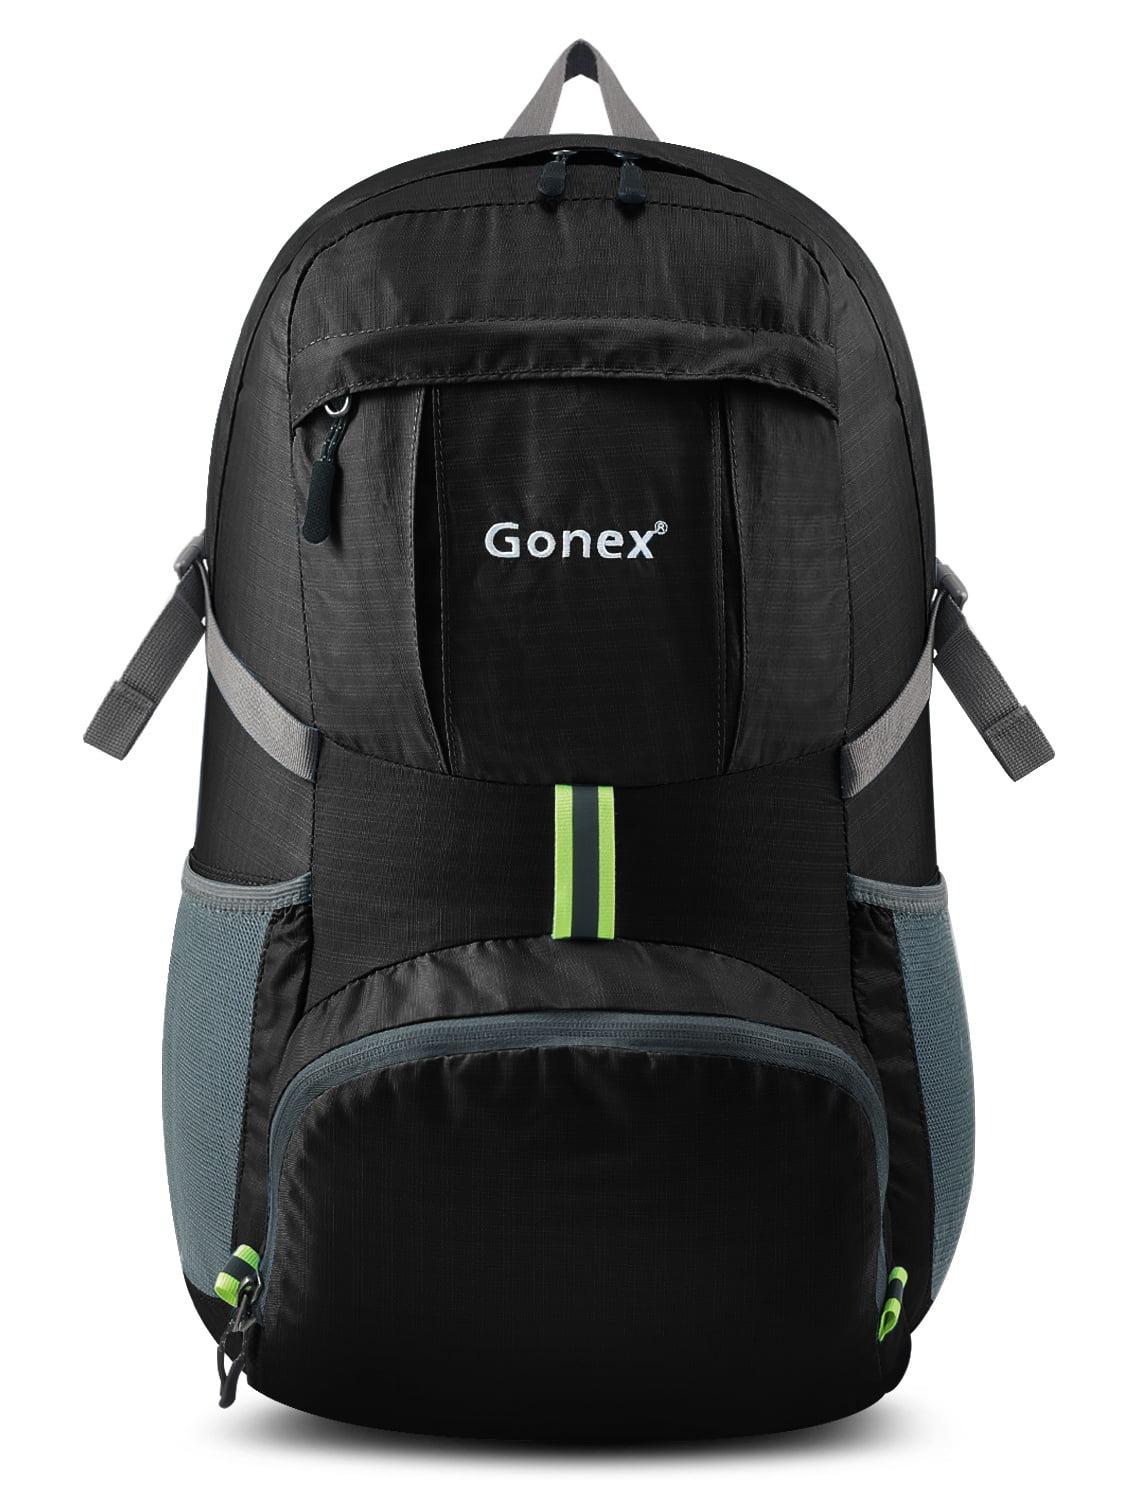 Gonex 35L Lightweight Packable Backpack Handy Foldable Shoulder Bag Case Daypack 5 Colors by Gonex